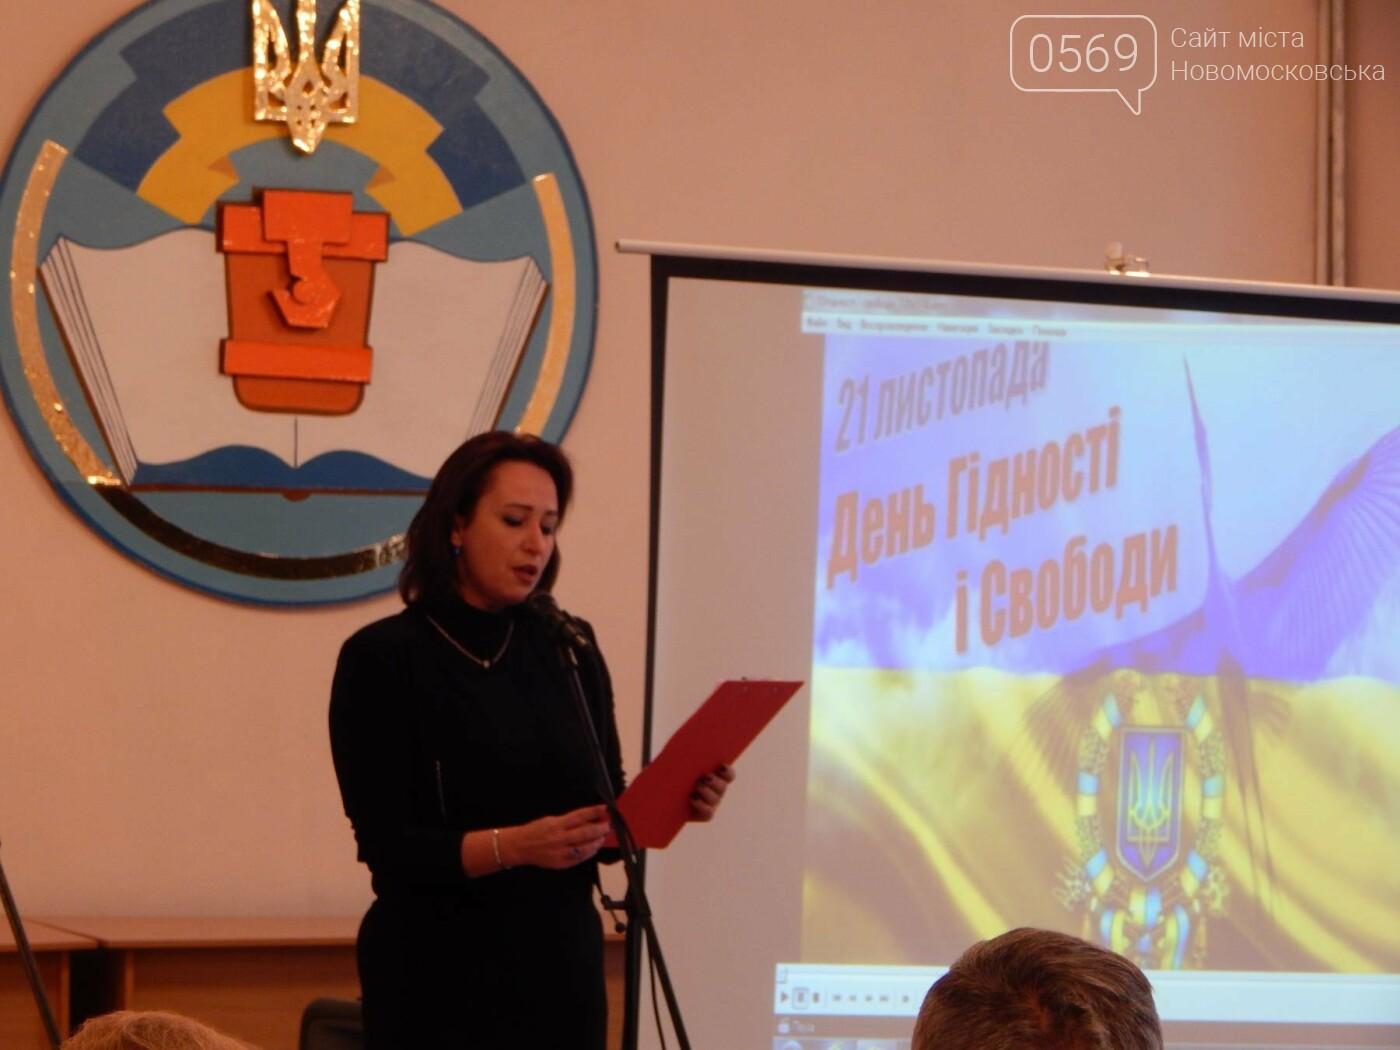 Новомосковські студенти відзначили День гідності та свободи, фото-2